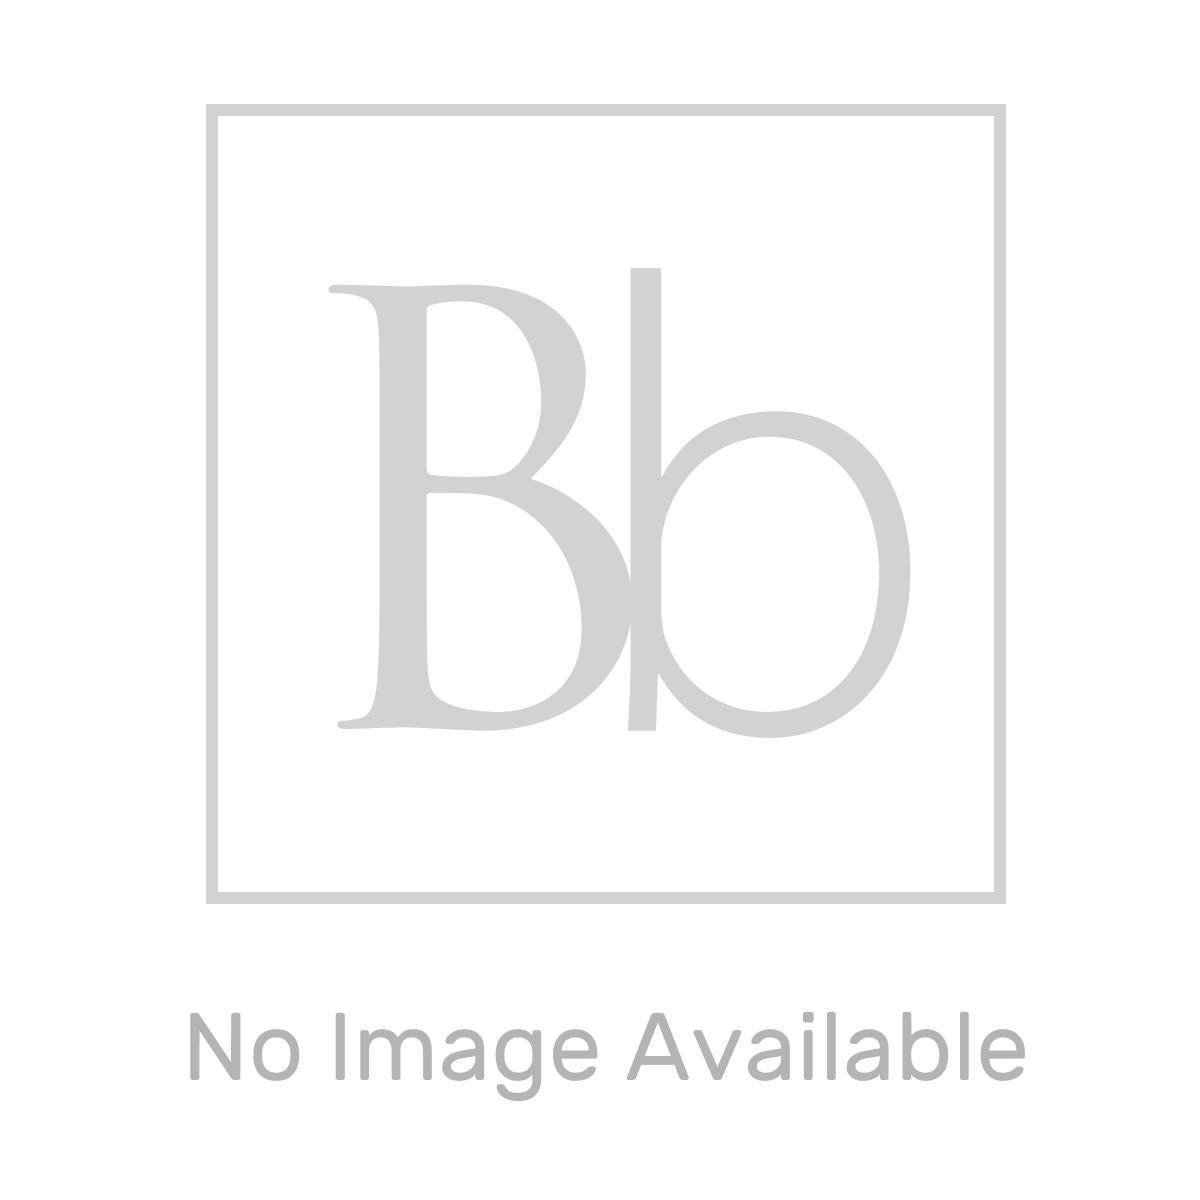 Nuie Blocks Satin Blue 2 Door Floor Standing Vanity Unit with 50mm Profile Basin 500mm